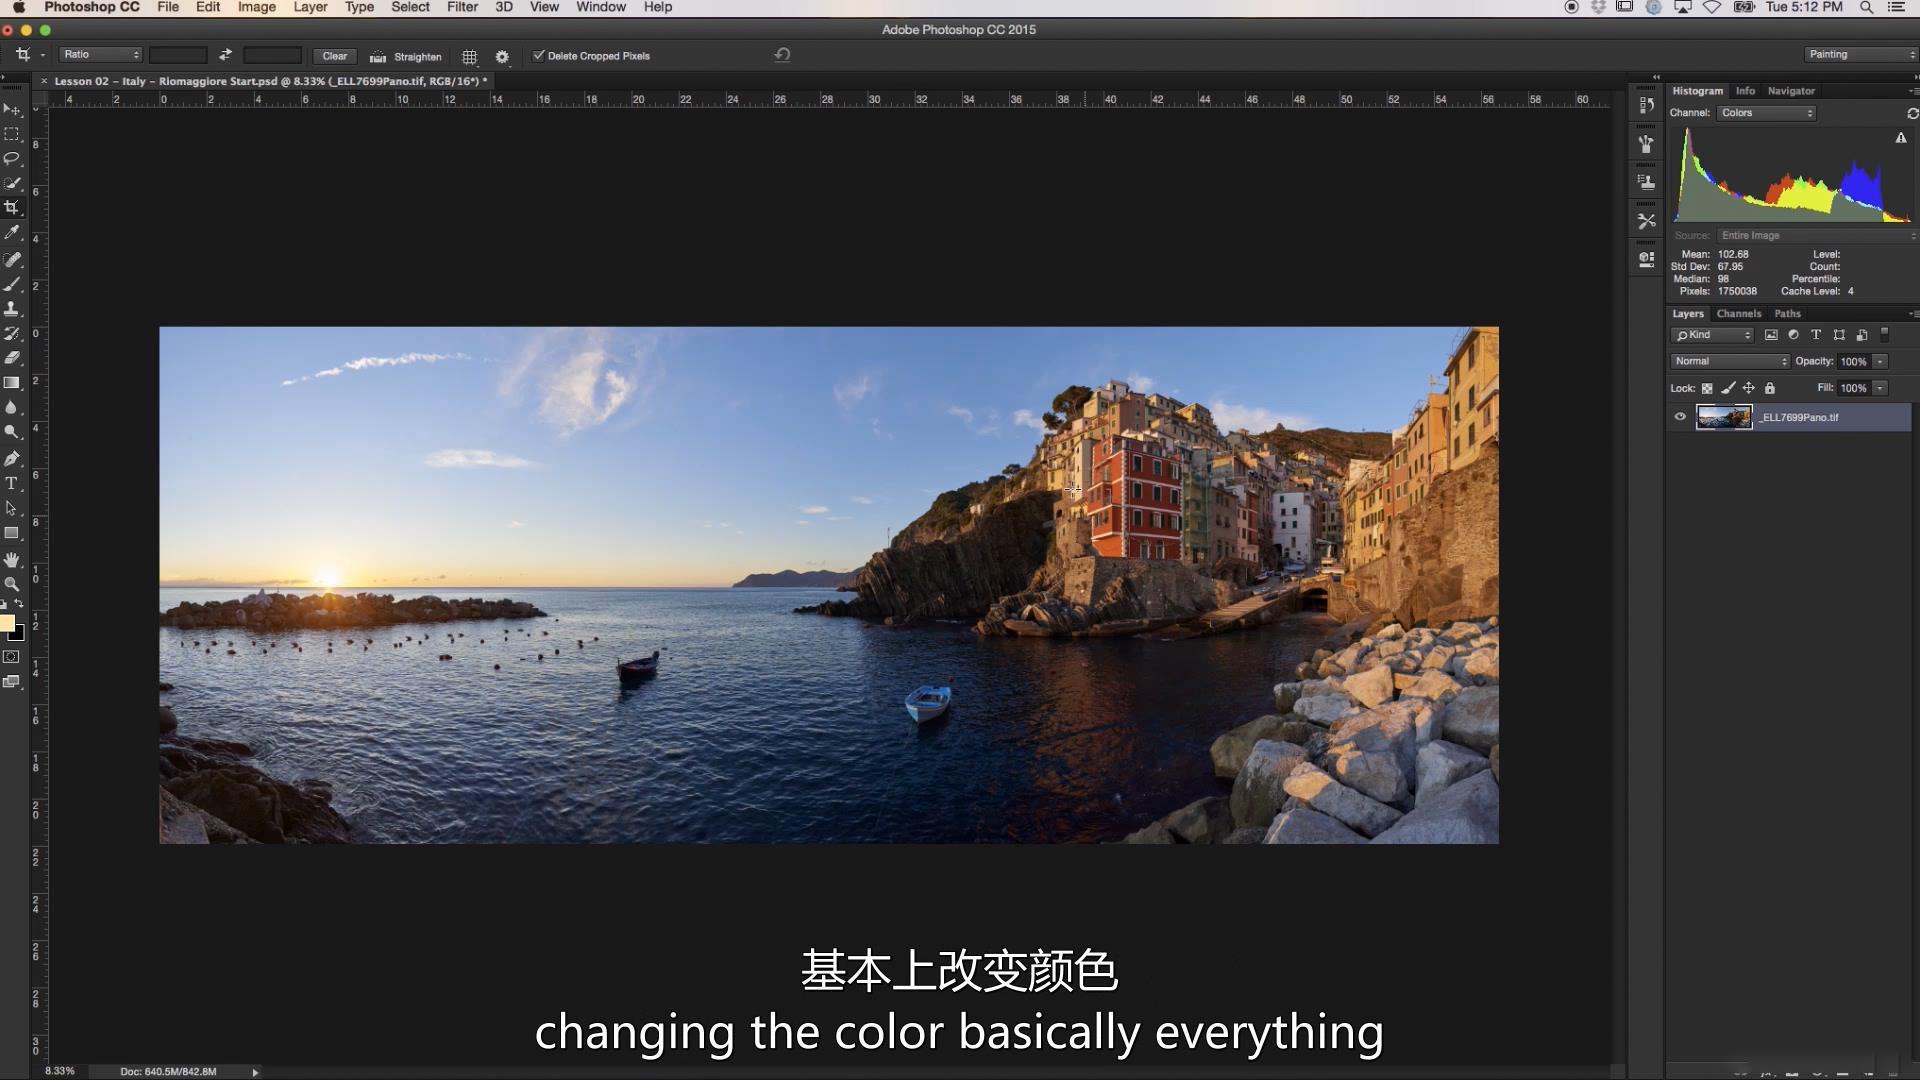 摄影教程_Fstoppers-Elia Locardi世界城市景观星轨风光摄影及后期-中英字幕 摄影教程 _预览图9